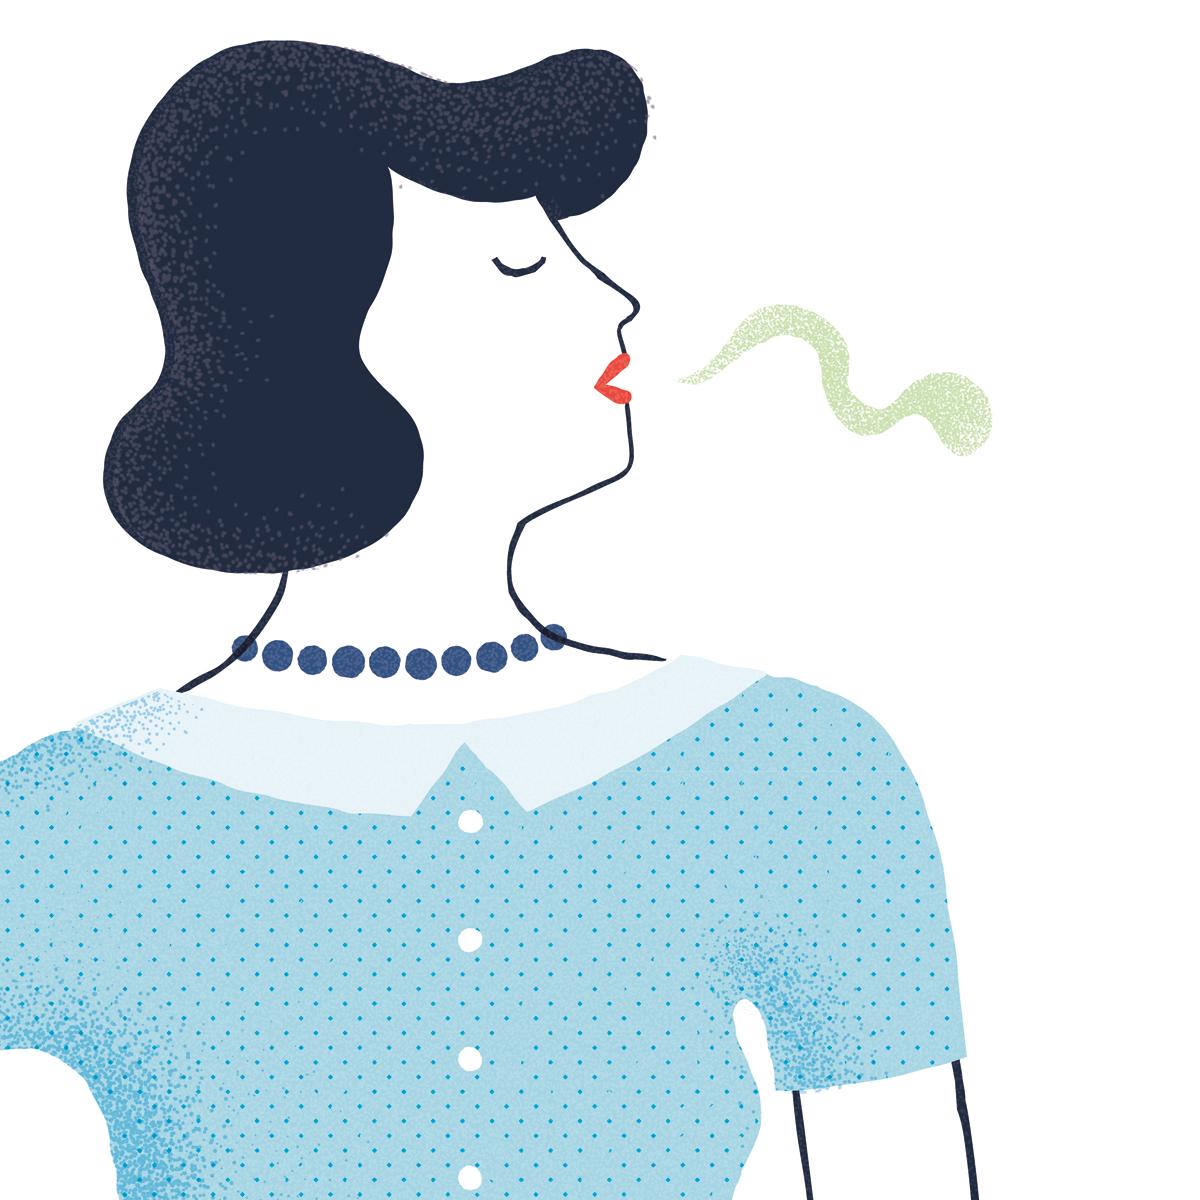 Illustrazione Il buon giorno si vede dal mattino dopo per Dispensa Magazine © Silvia Bettini